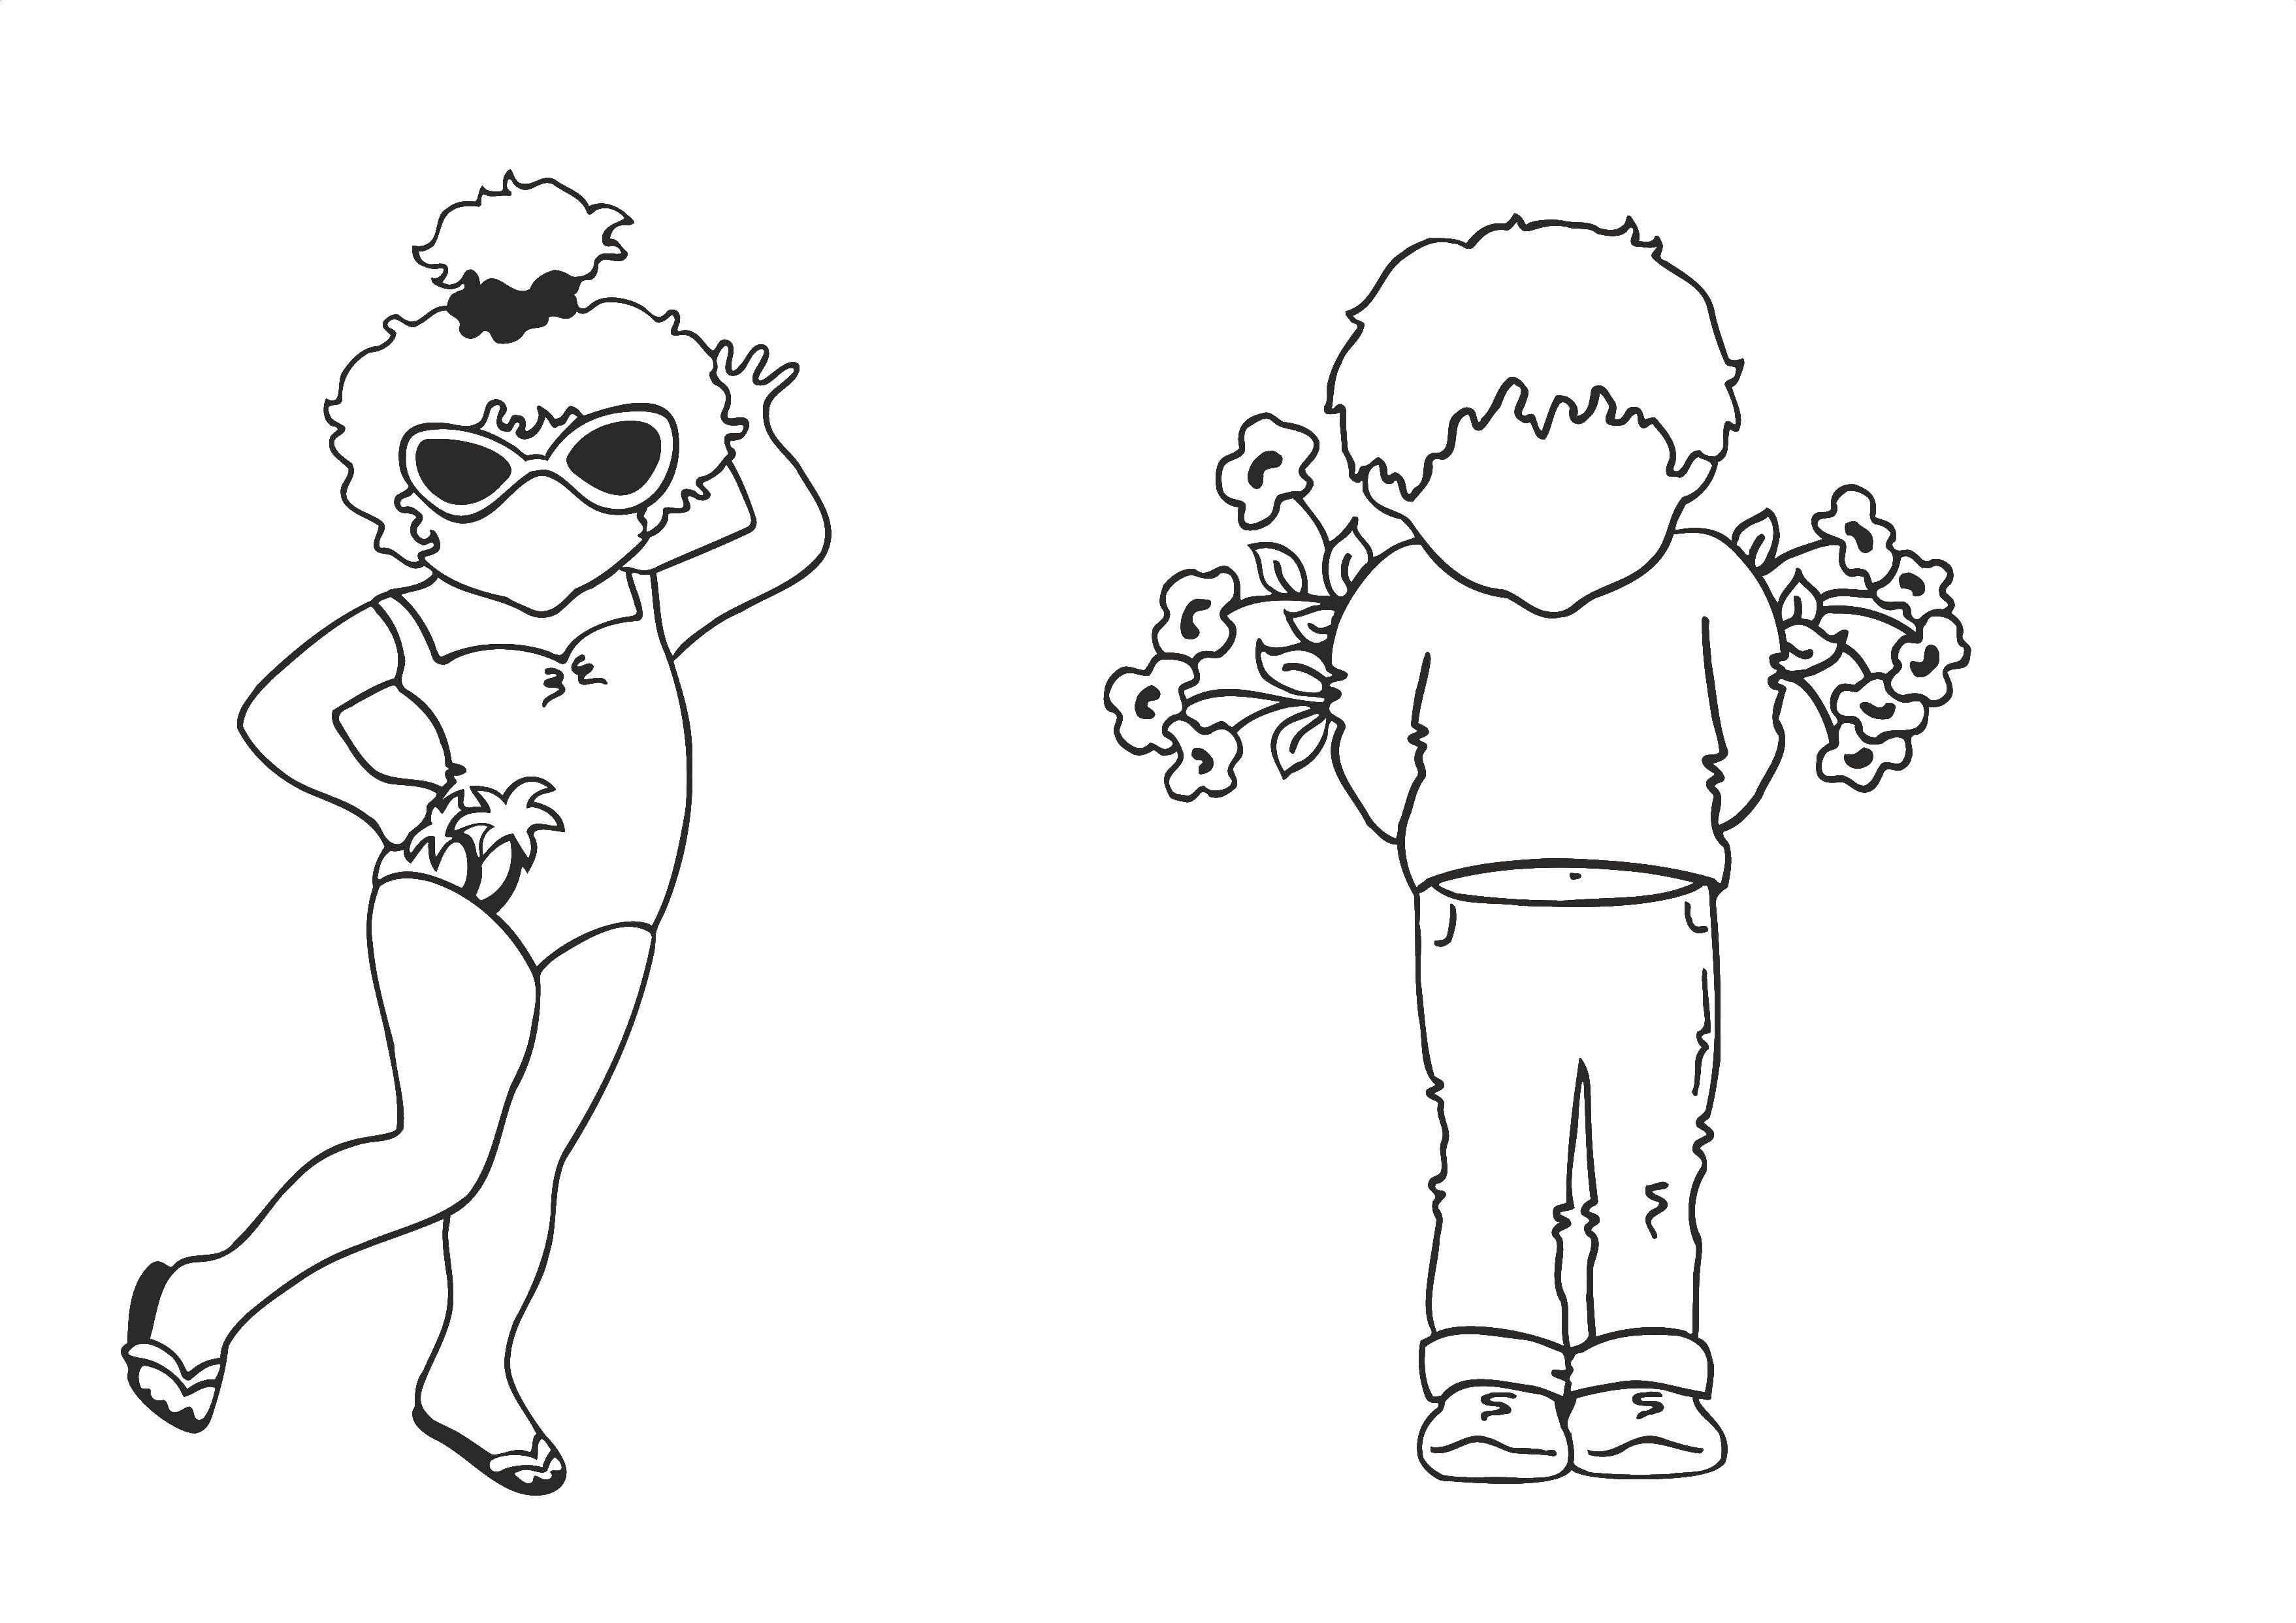 раскраски раскраска девочка в купальнике разные раскраски